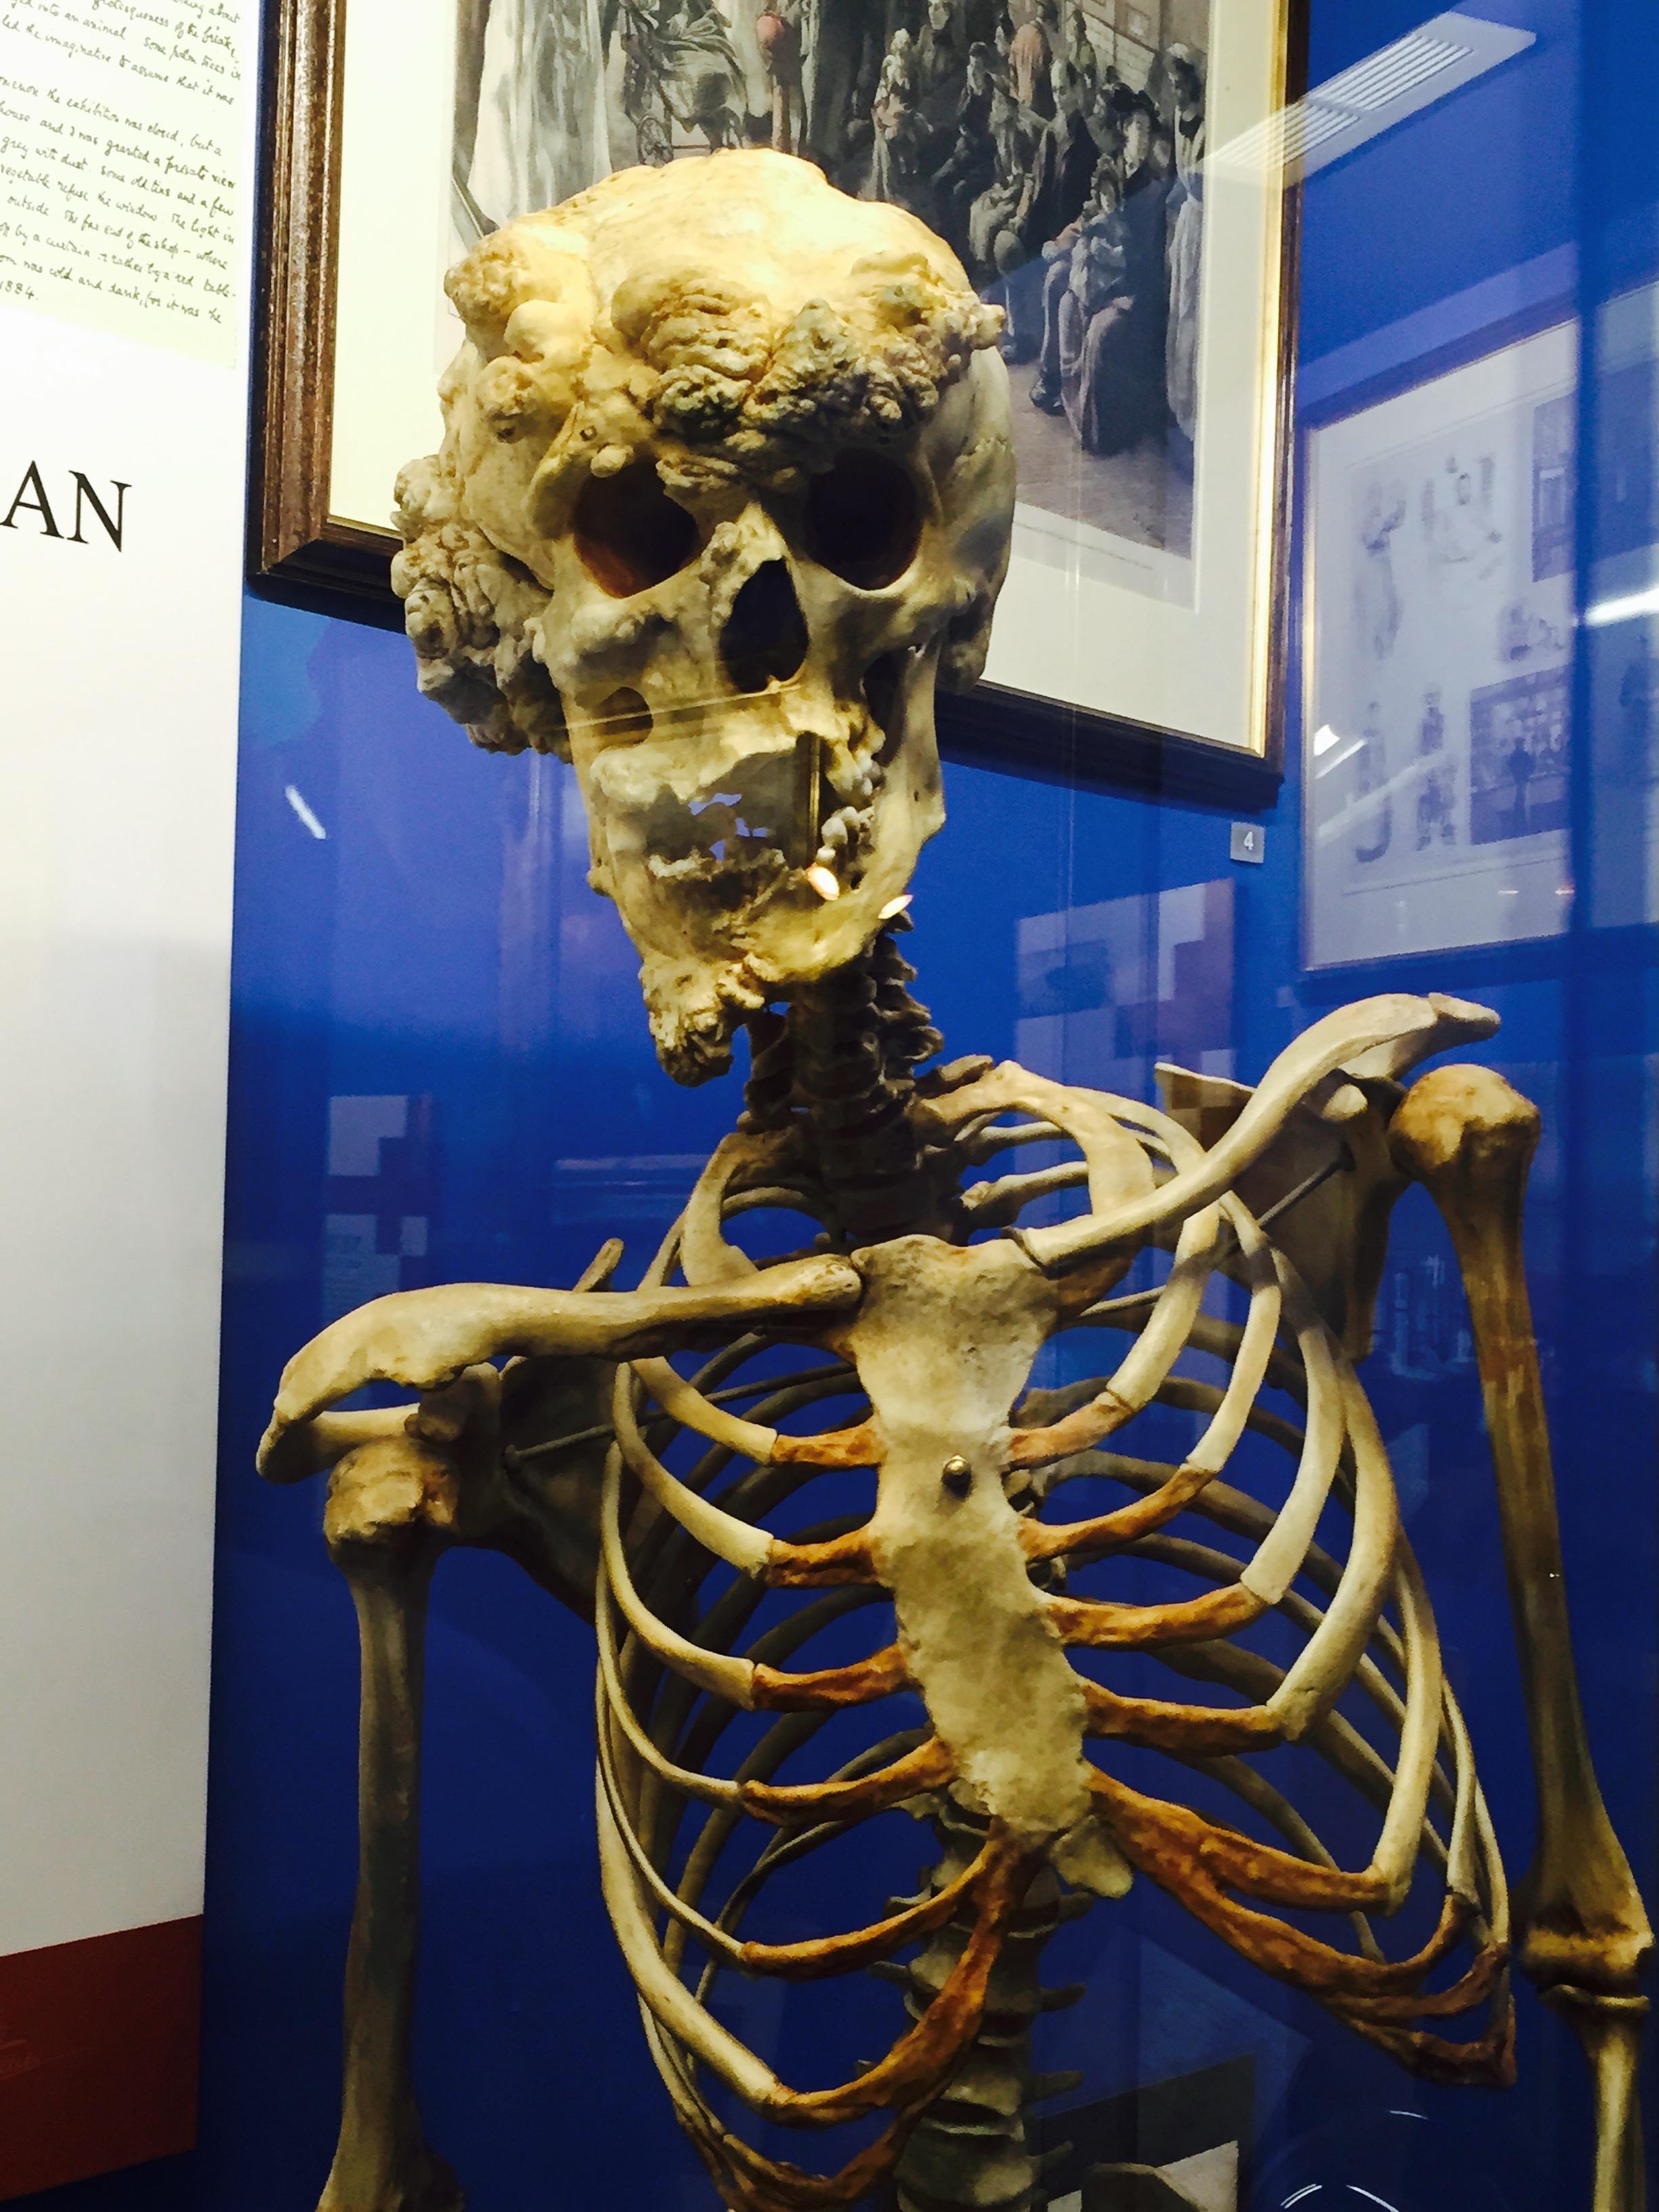 Merrick's Skeleton